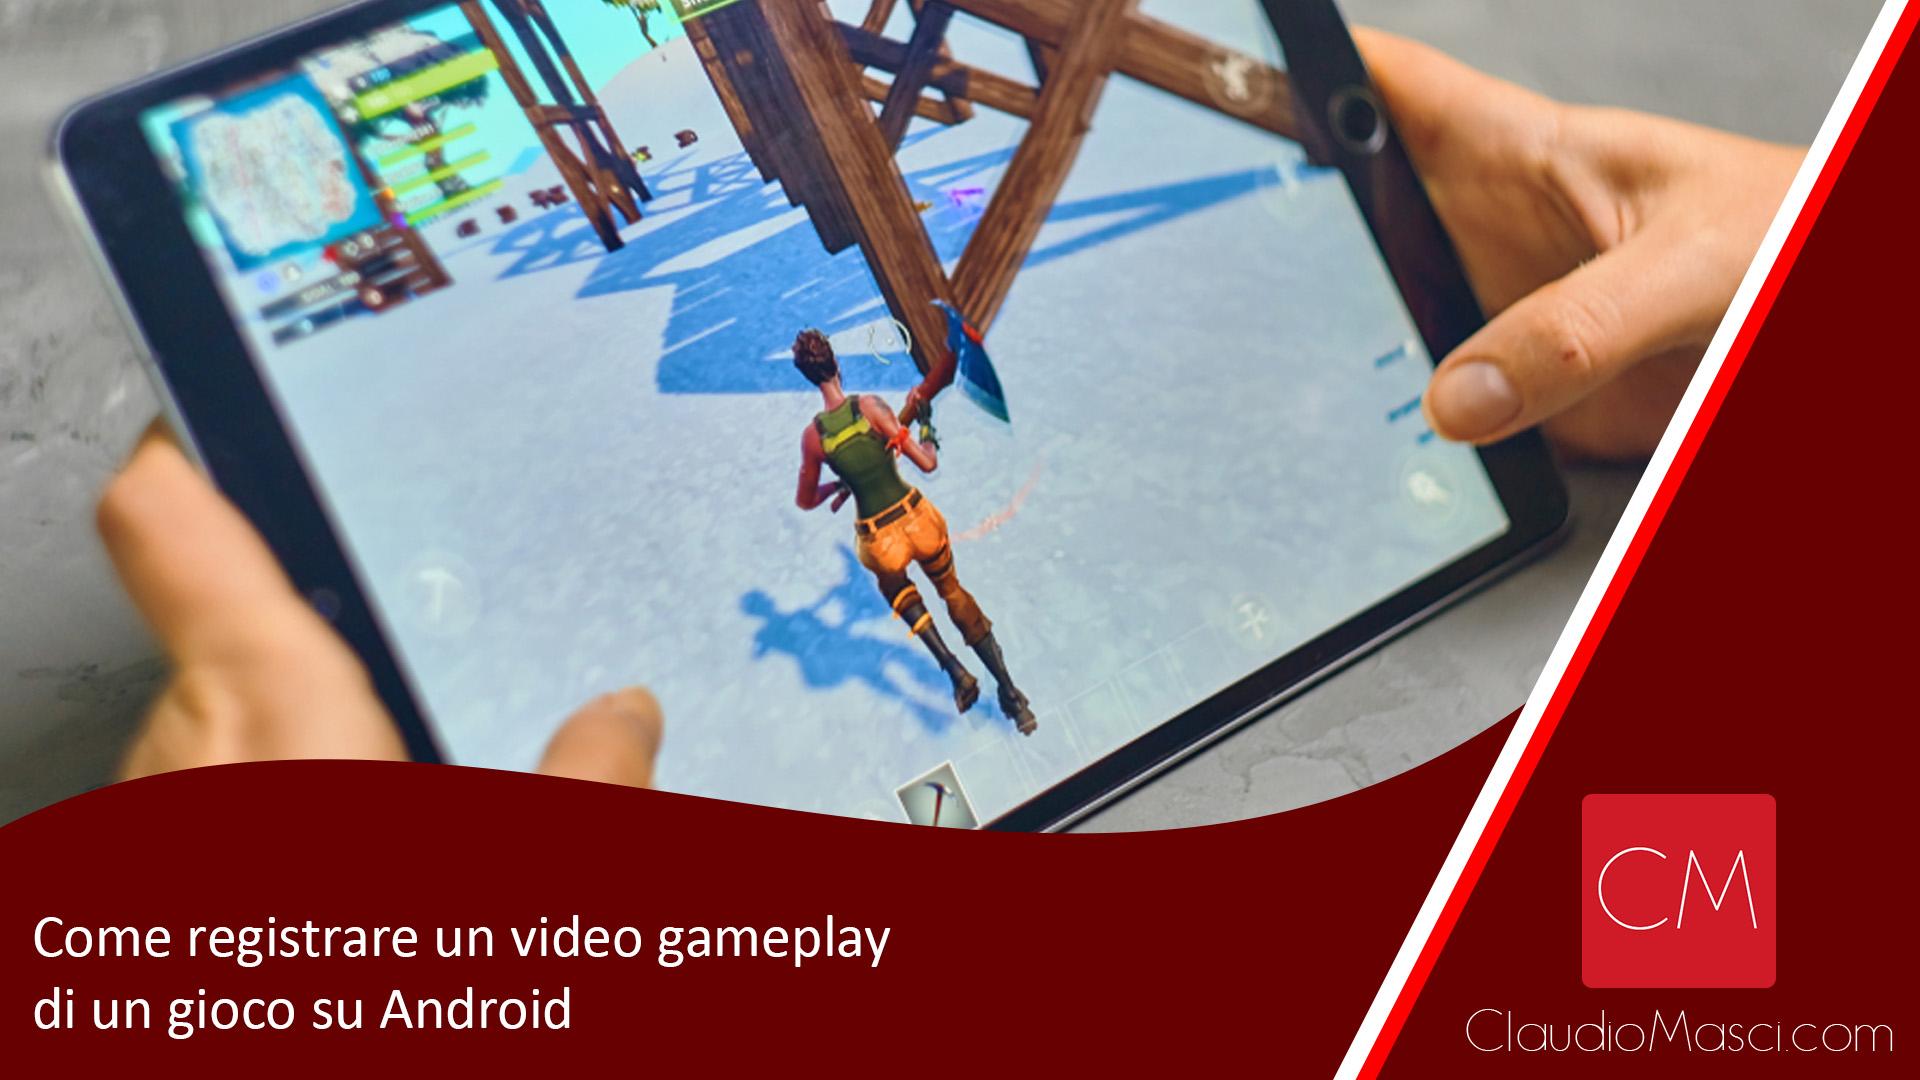 Come registrare un video gameplay di un gioco su Android